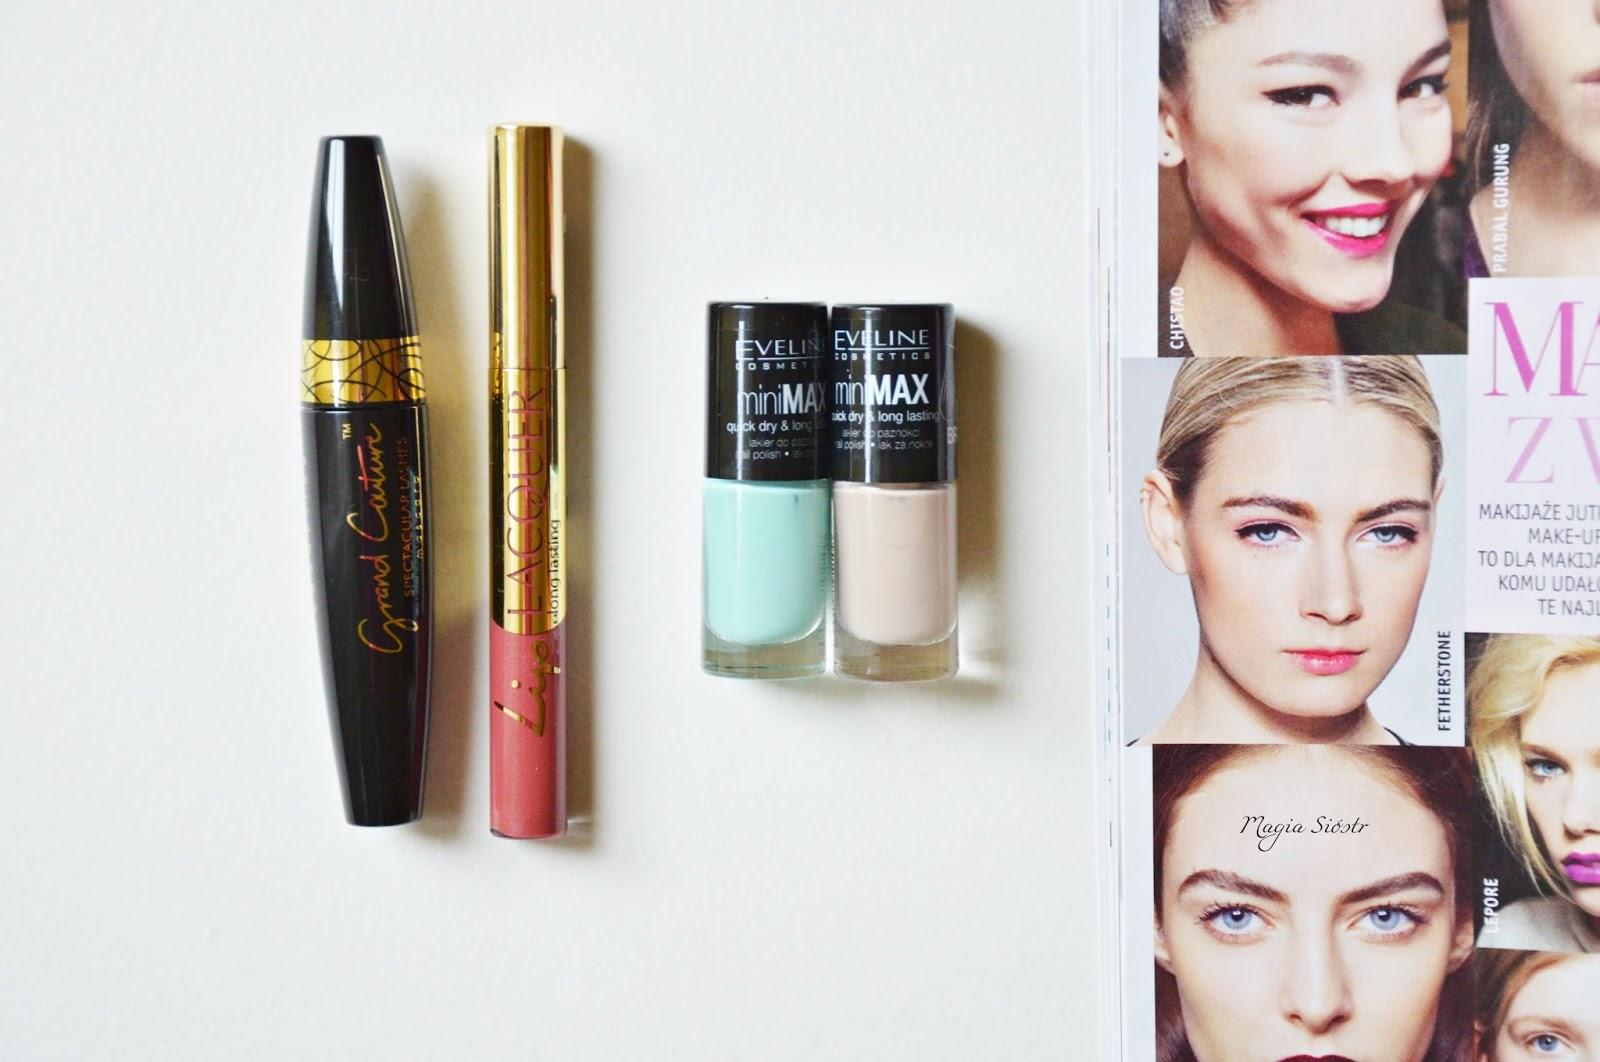 makijaż kosmetyki Eveline, kolorowe kosmetyki, tusz do rzęs, lakier do ust, lakier do paznokci